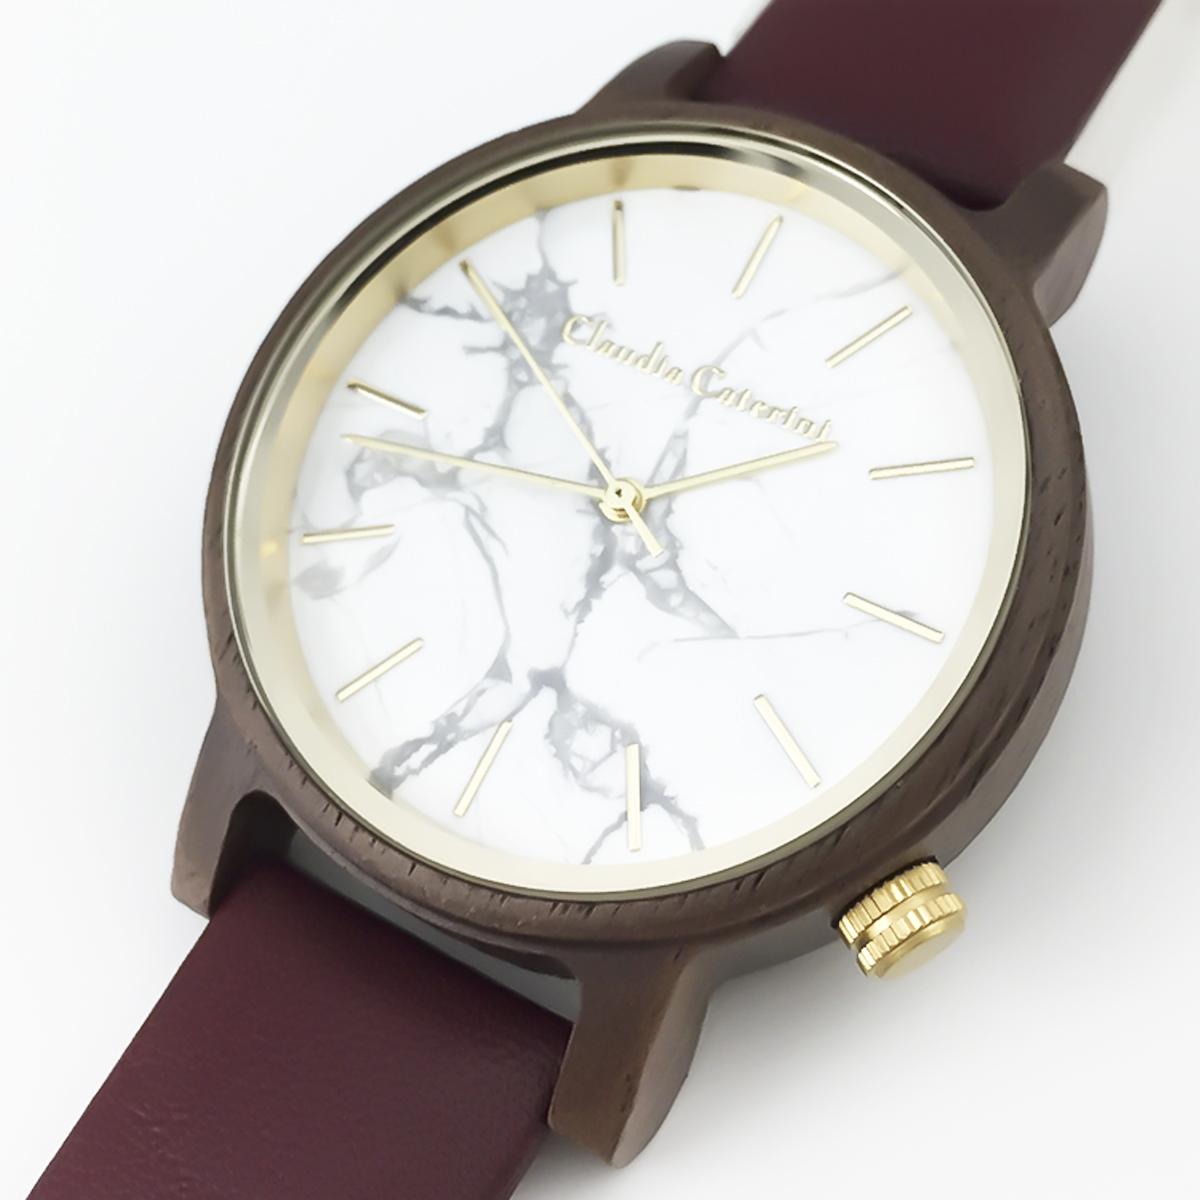 Claudia Caterini クラウディアカテリーニ ウッド&マーブルウオッチ アナログウオッチ 腕時計 本革レディース【CC-A119】